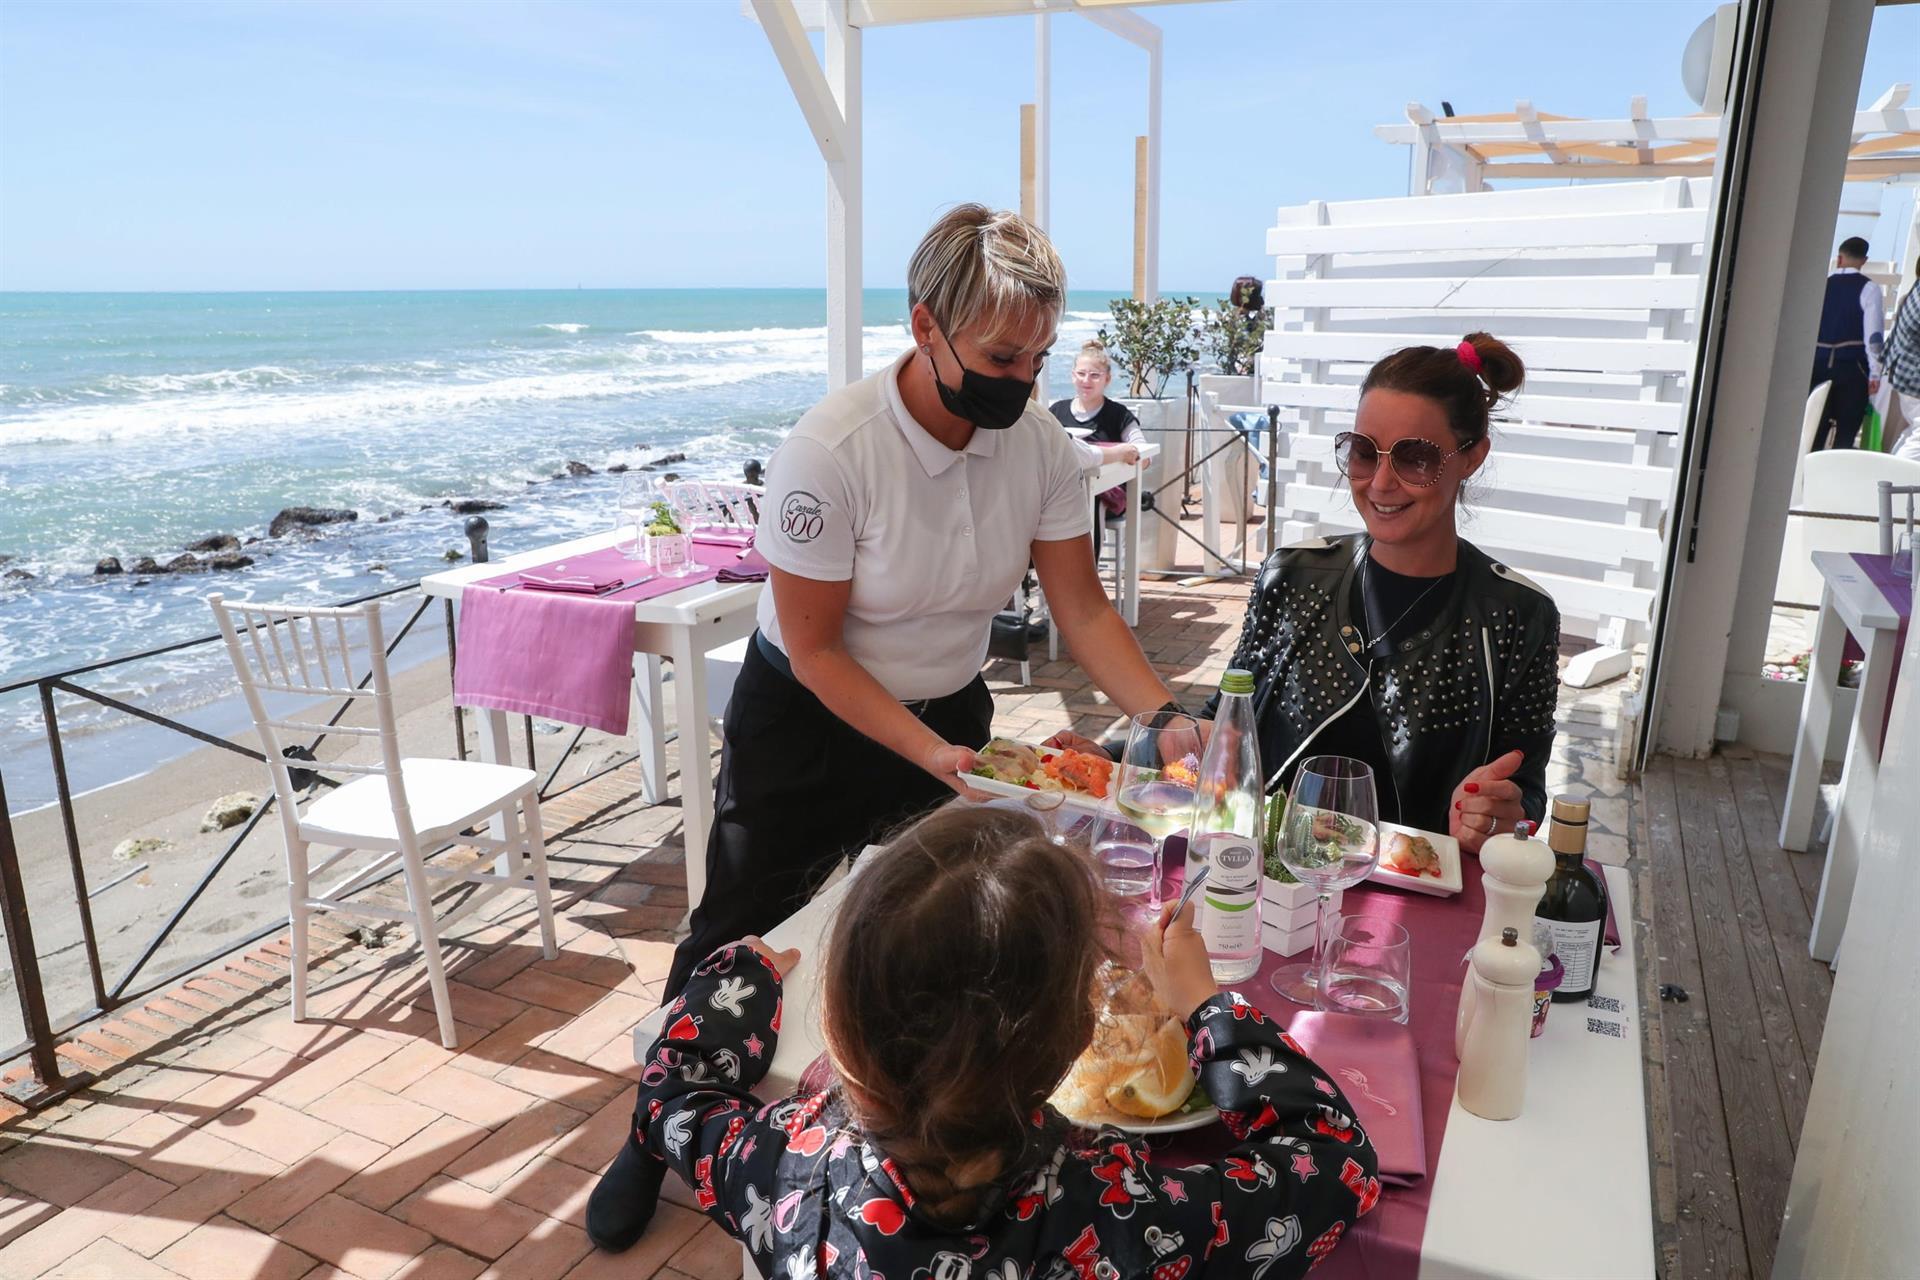 Um garçom com máscara facial atende clientes em um restaurante à beira-mar em Ostia, perto de Roma